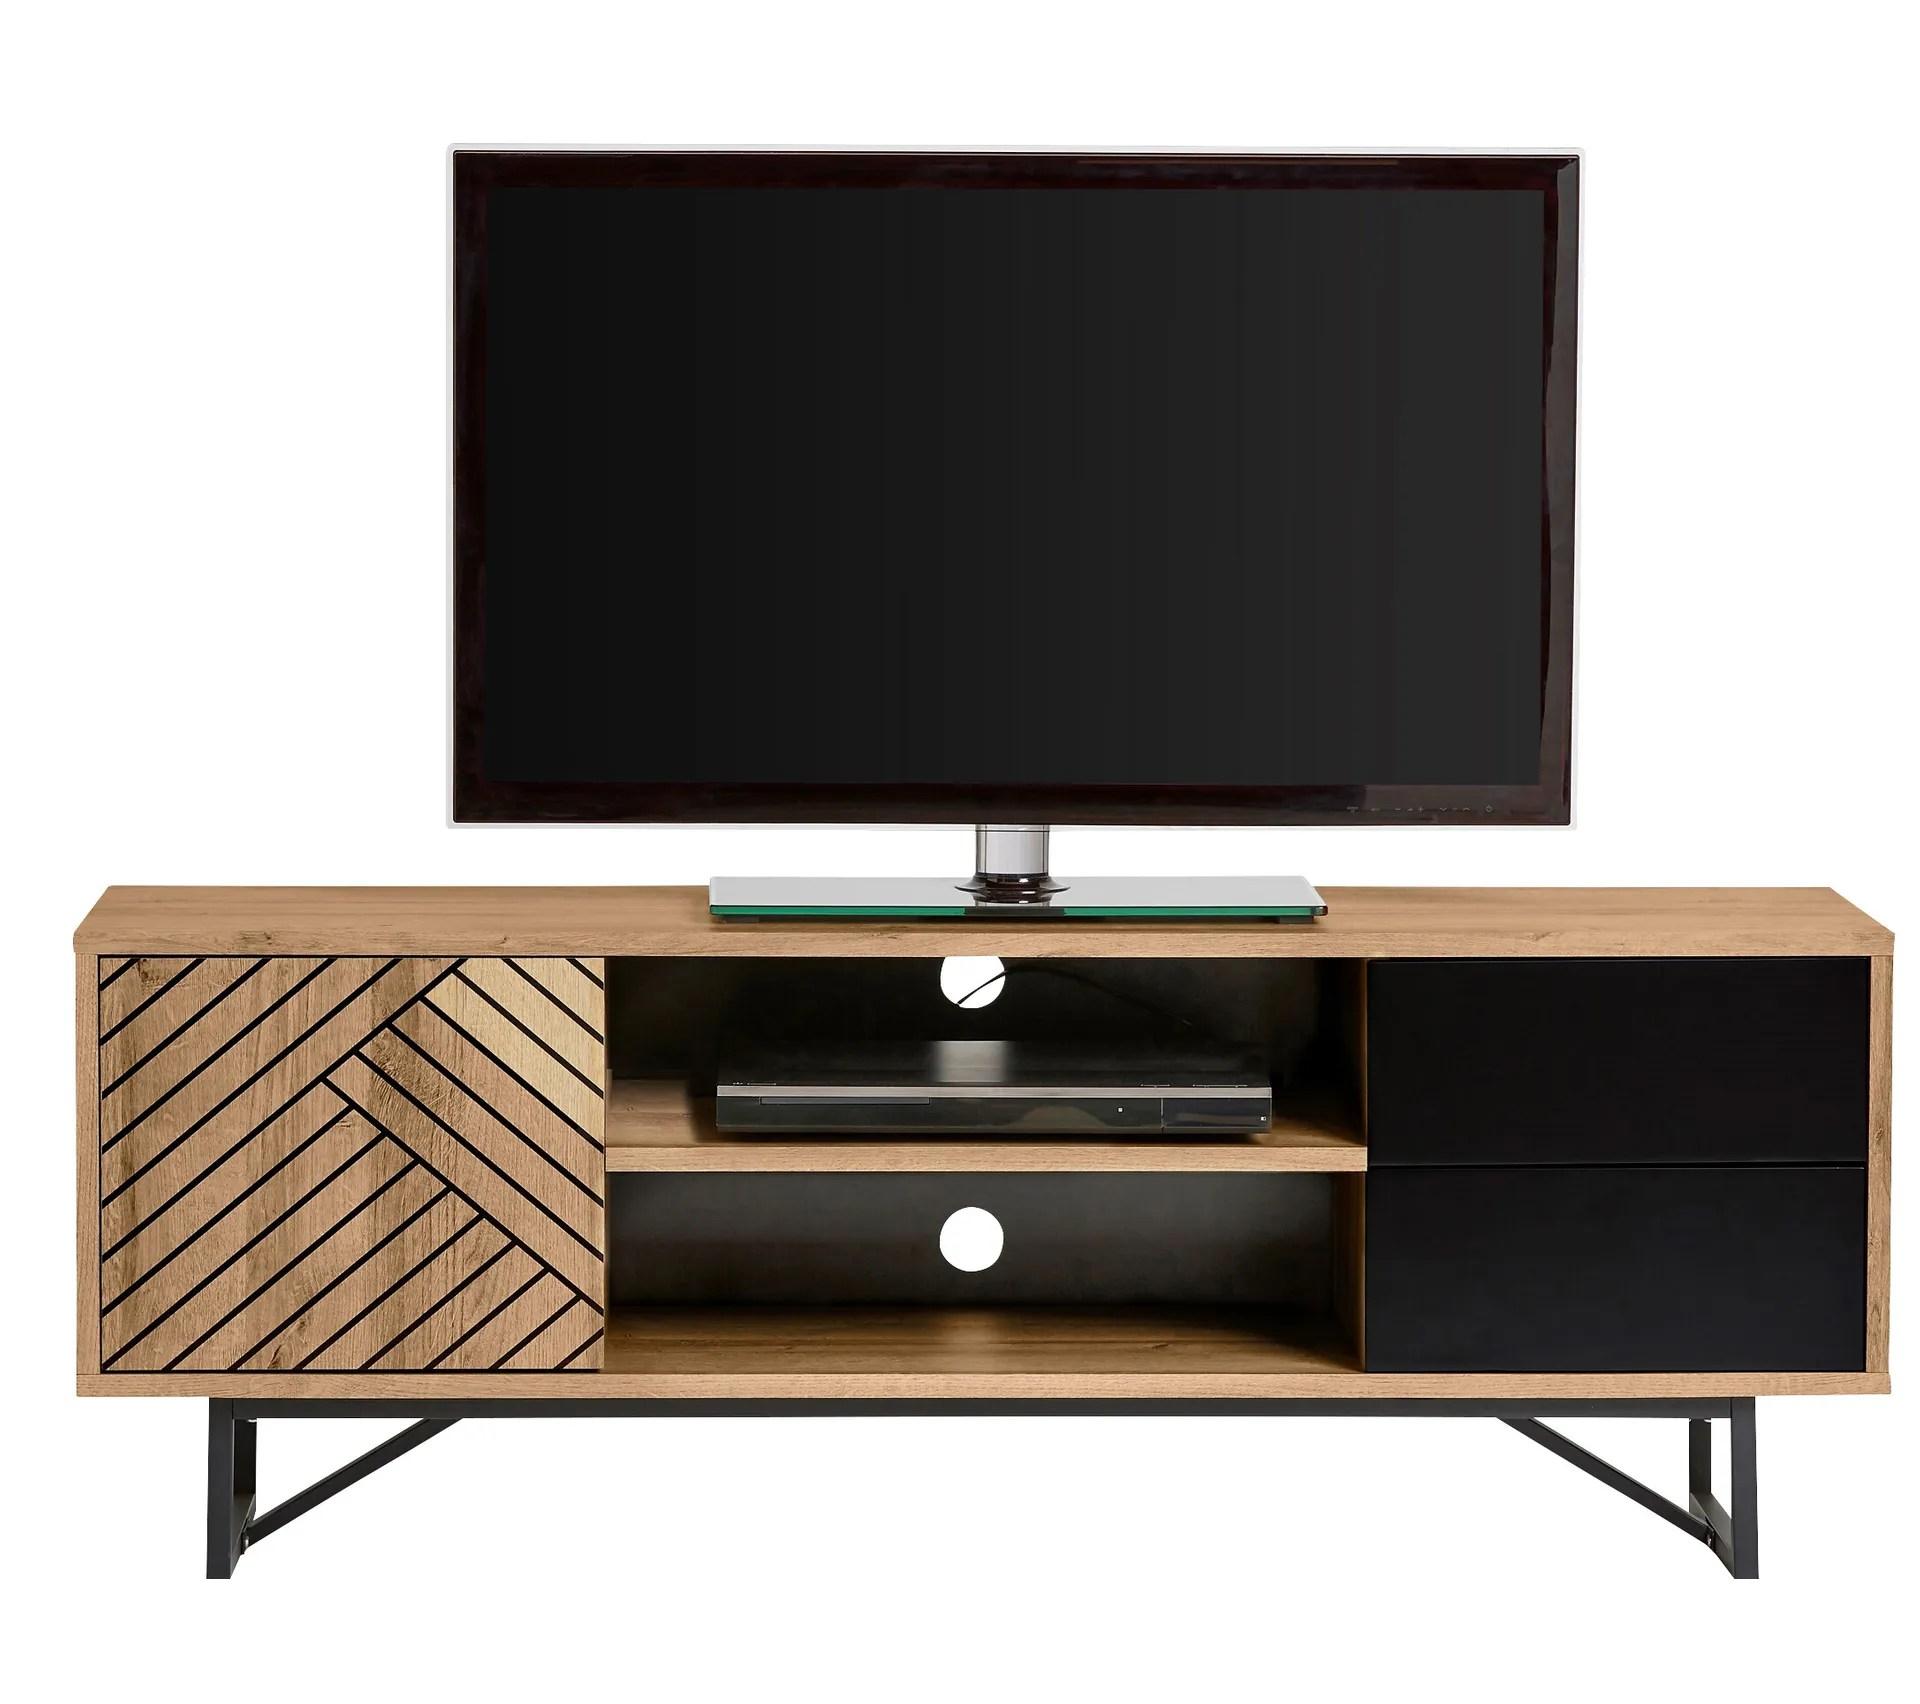 meuble tv industriel edea imitation chene et noir